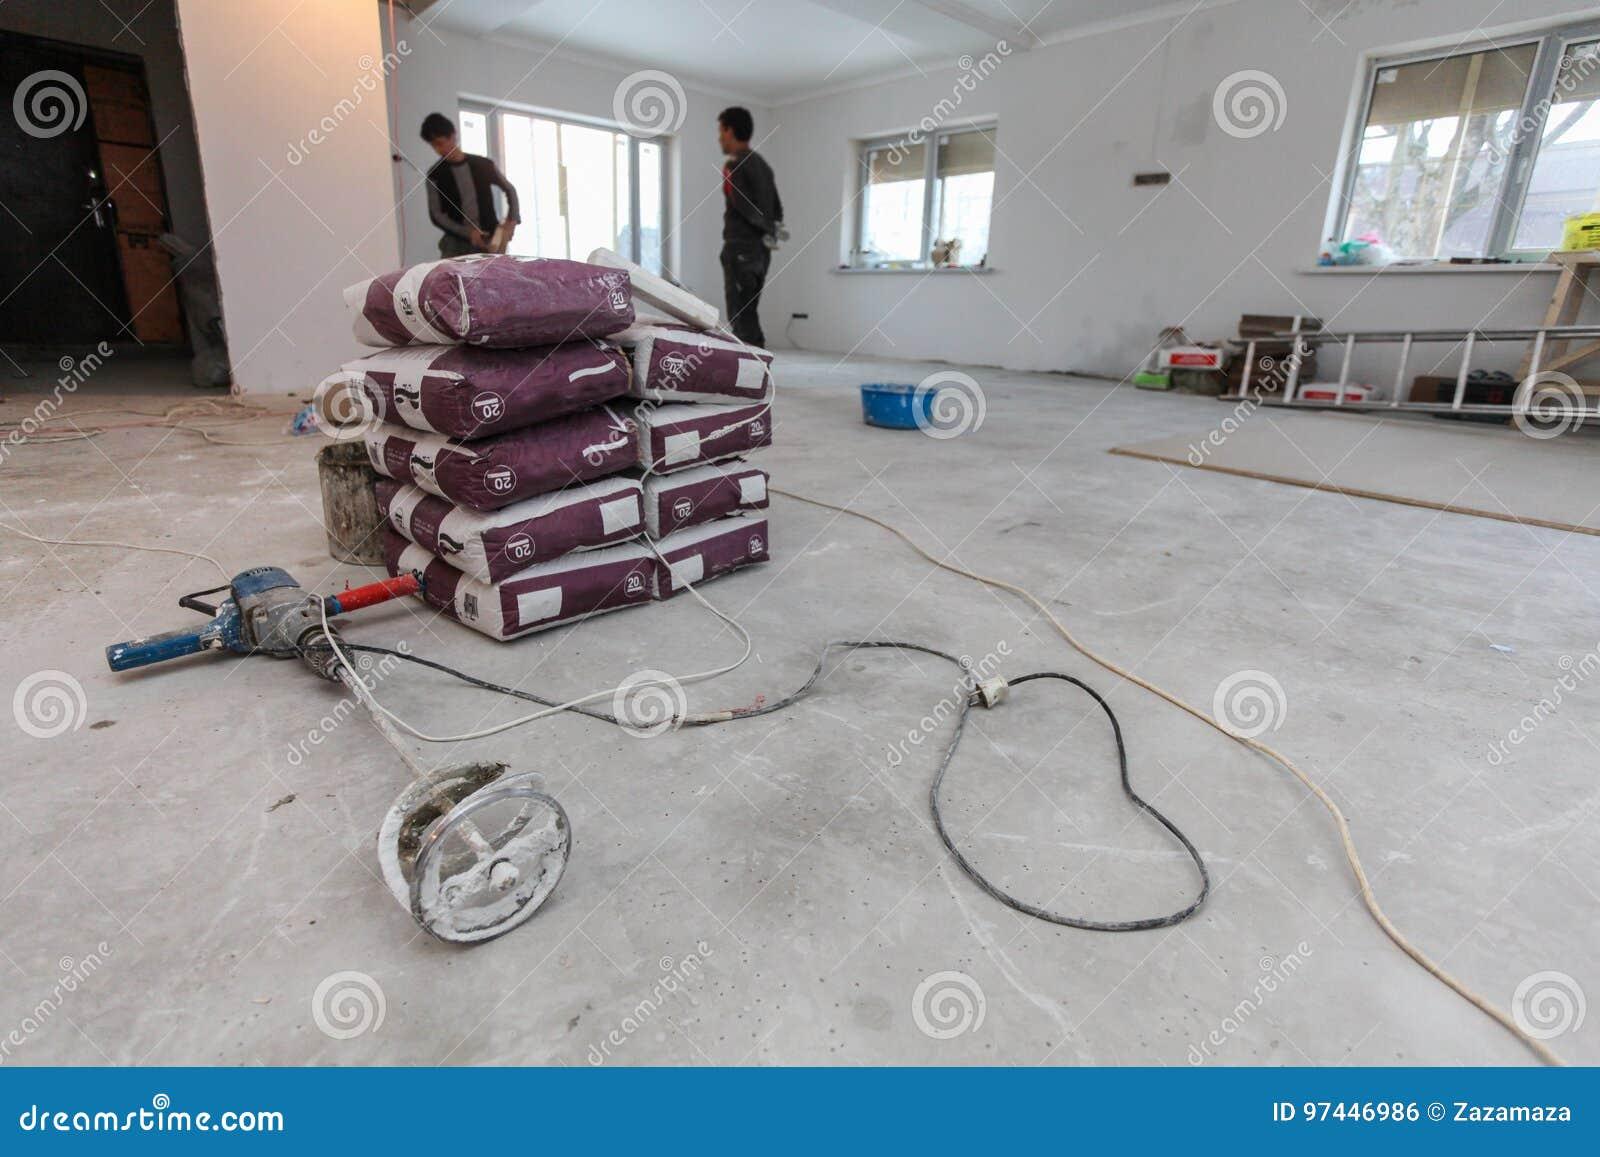 Fußboden Erneuern Beton ~ Innenraum der wohnung mit neuen fenstern materialtaschen des zement